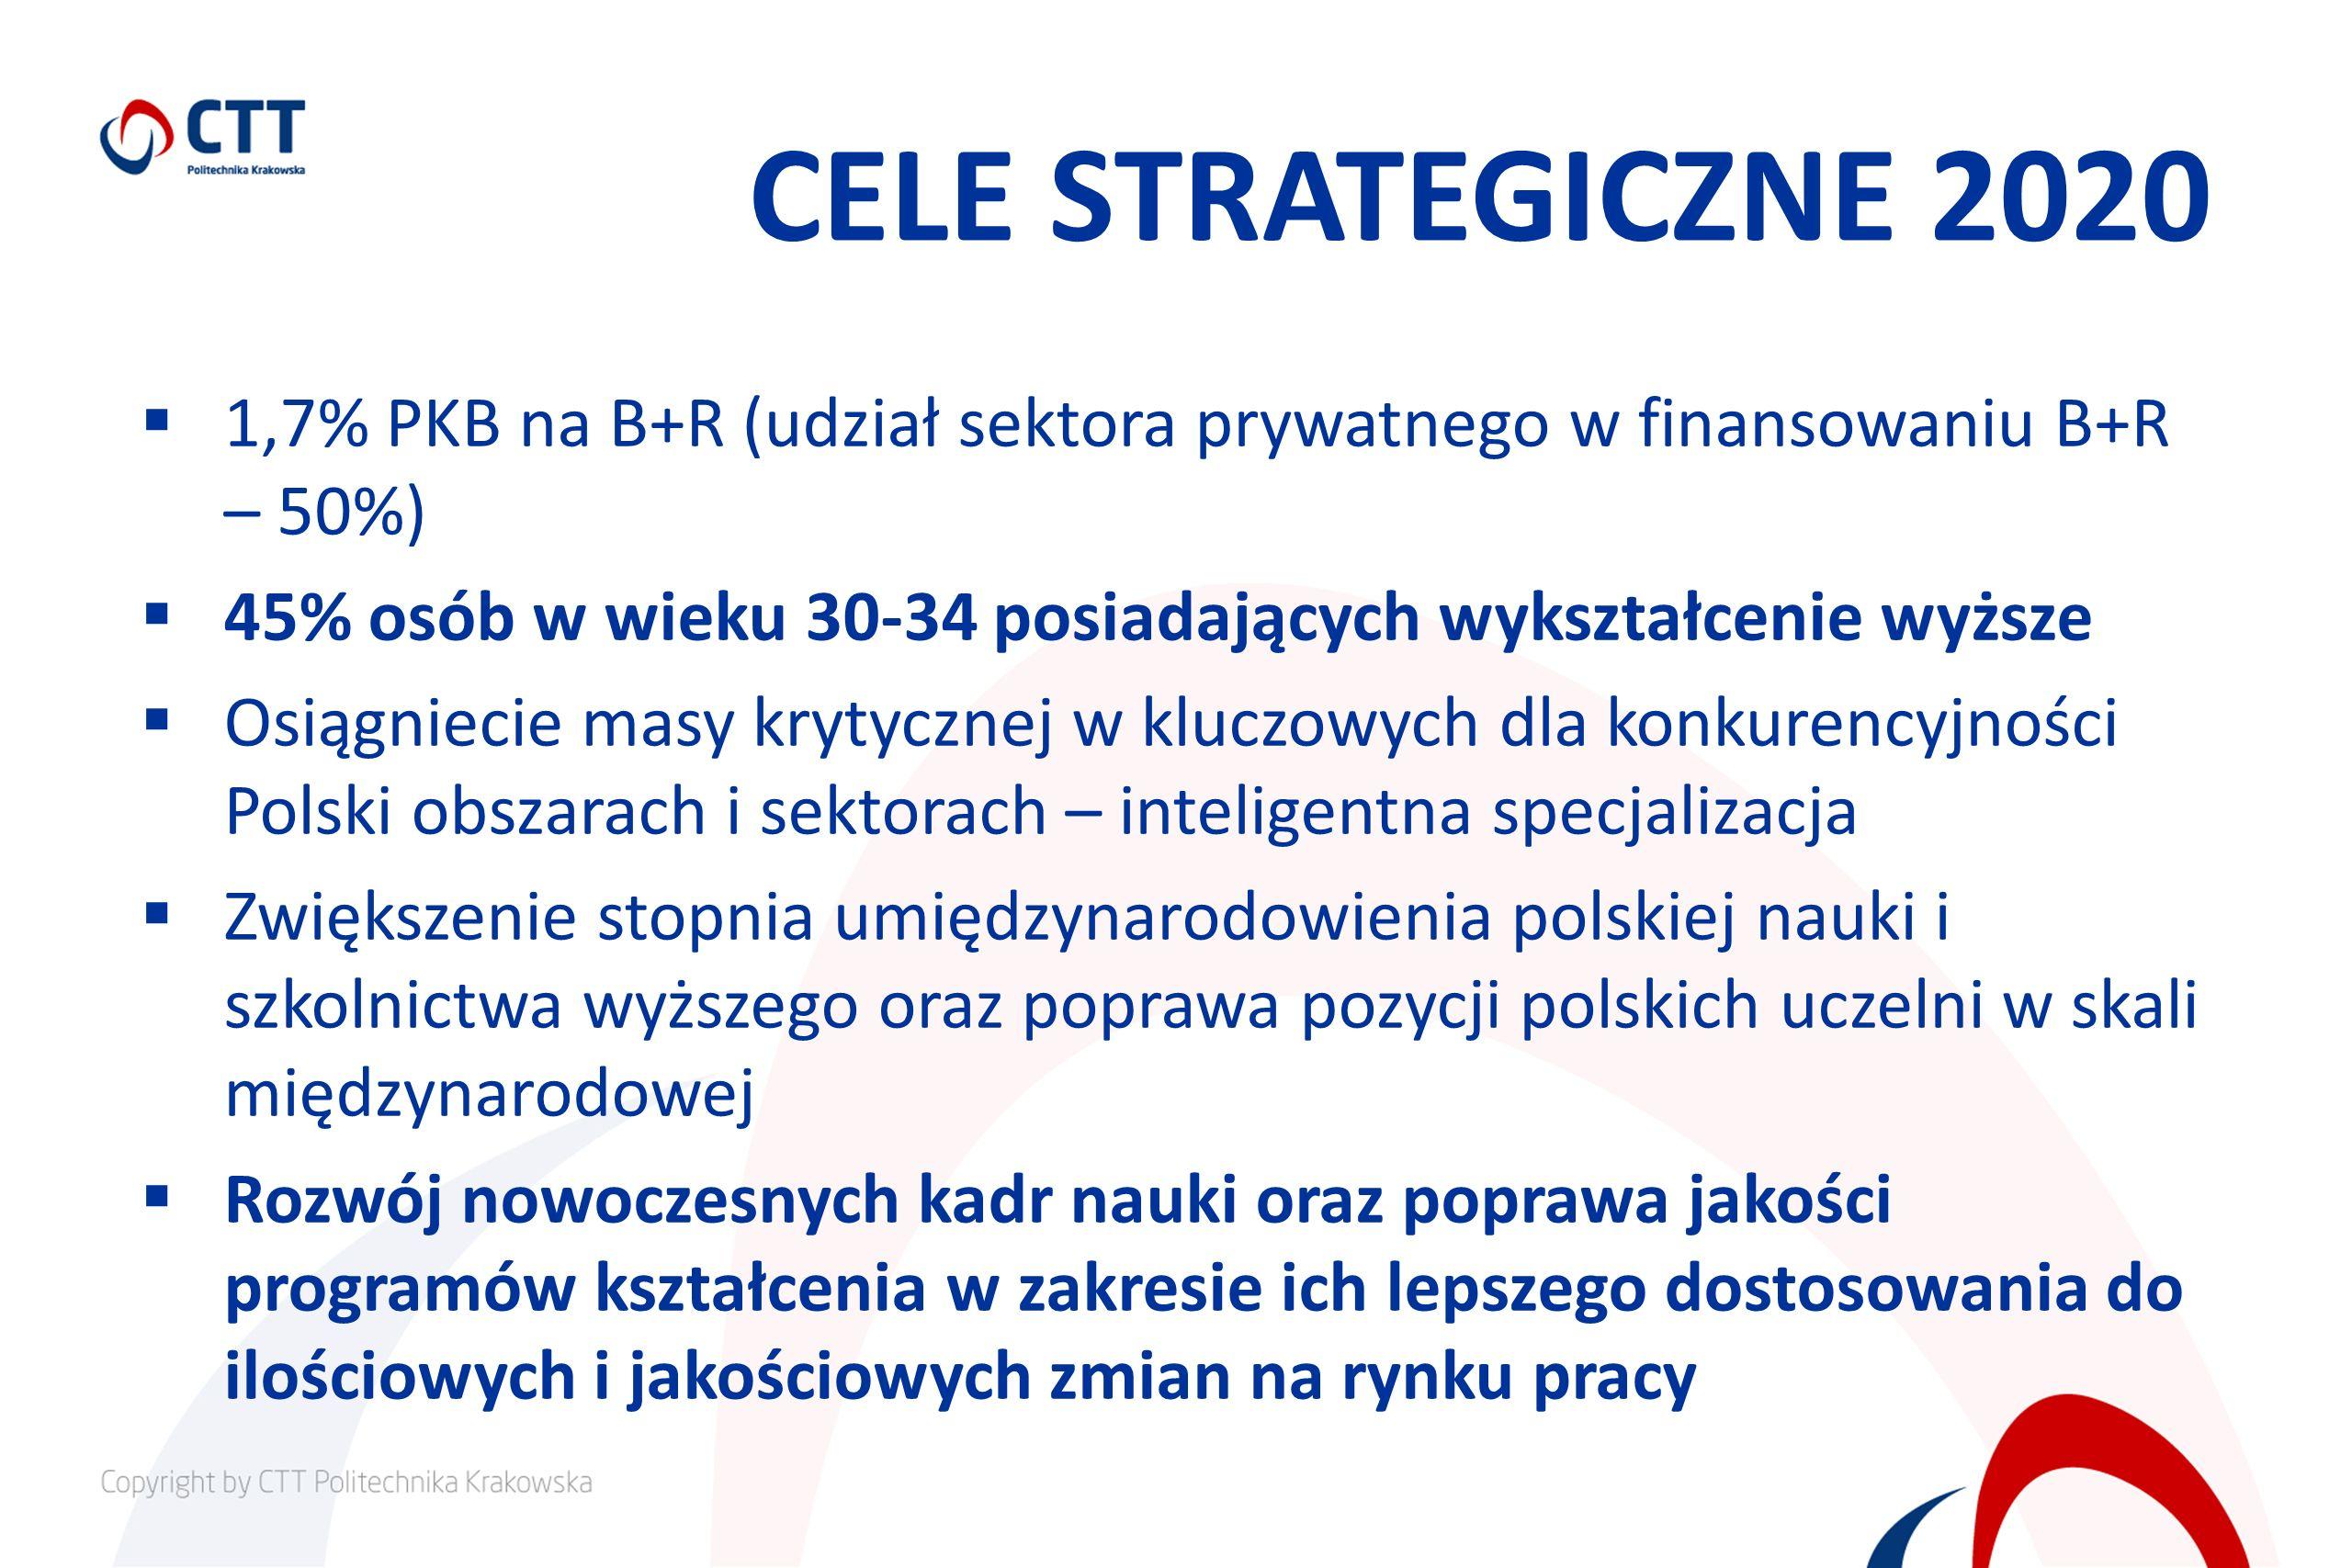 CELE STRATEGICZNE 2020 1,7% PKB na B+R (udział sektora prywatnego w finansowaniu B+R – 50%)